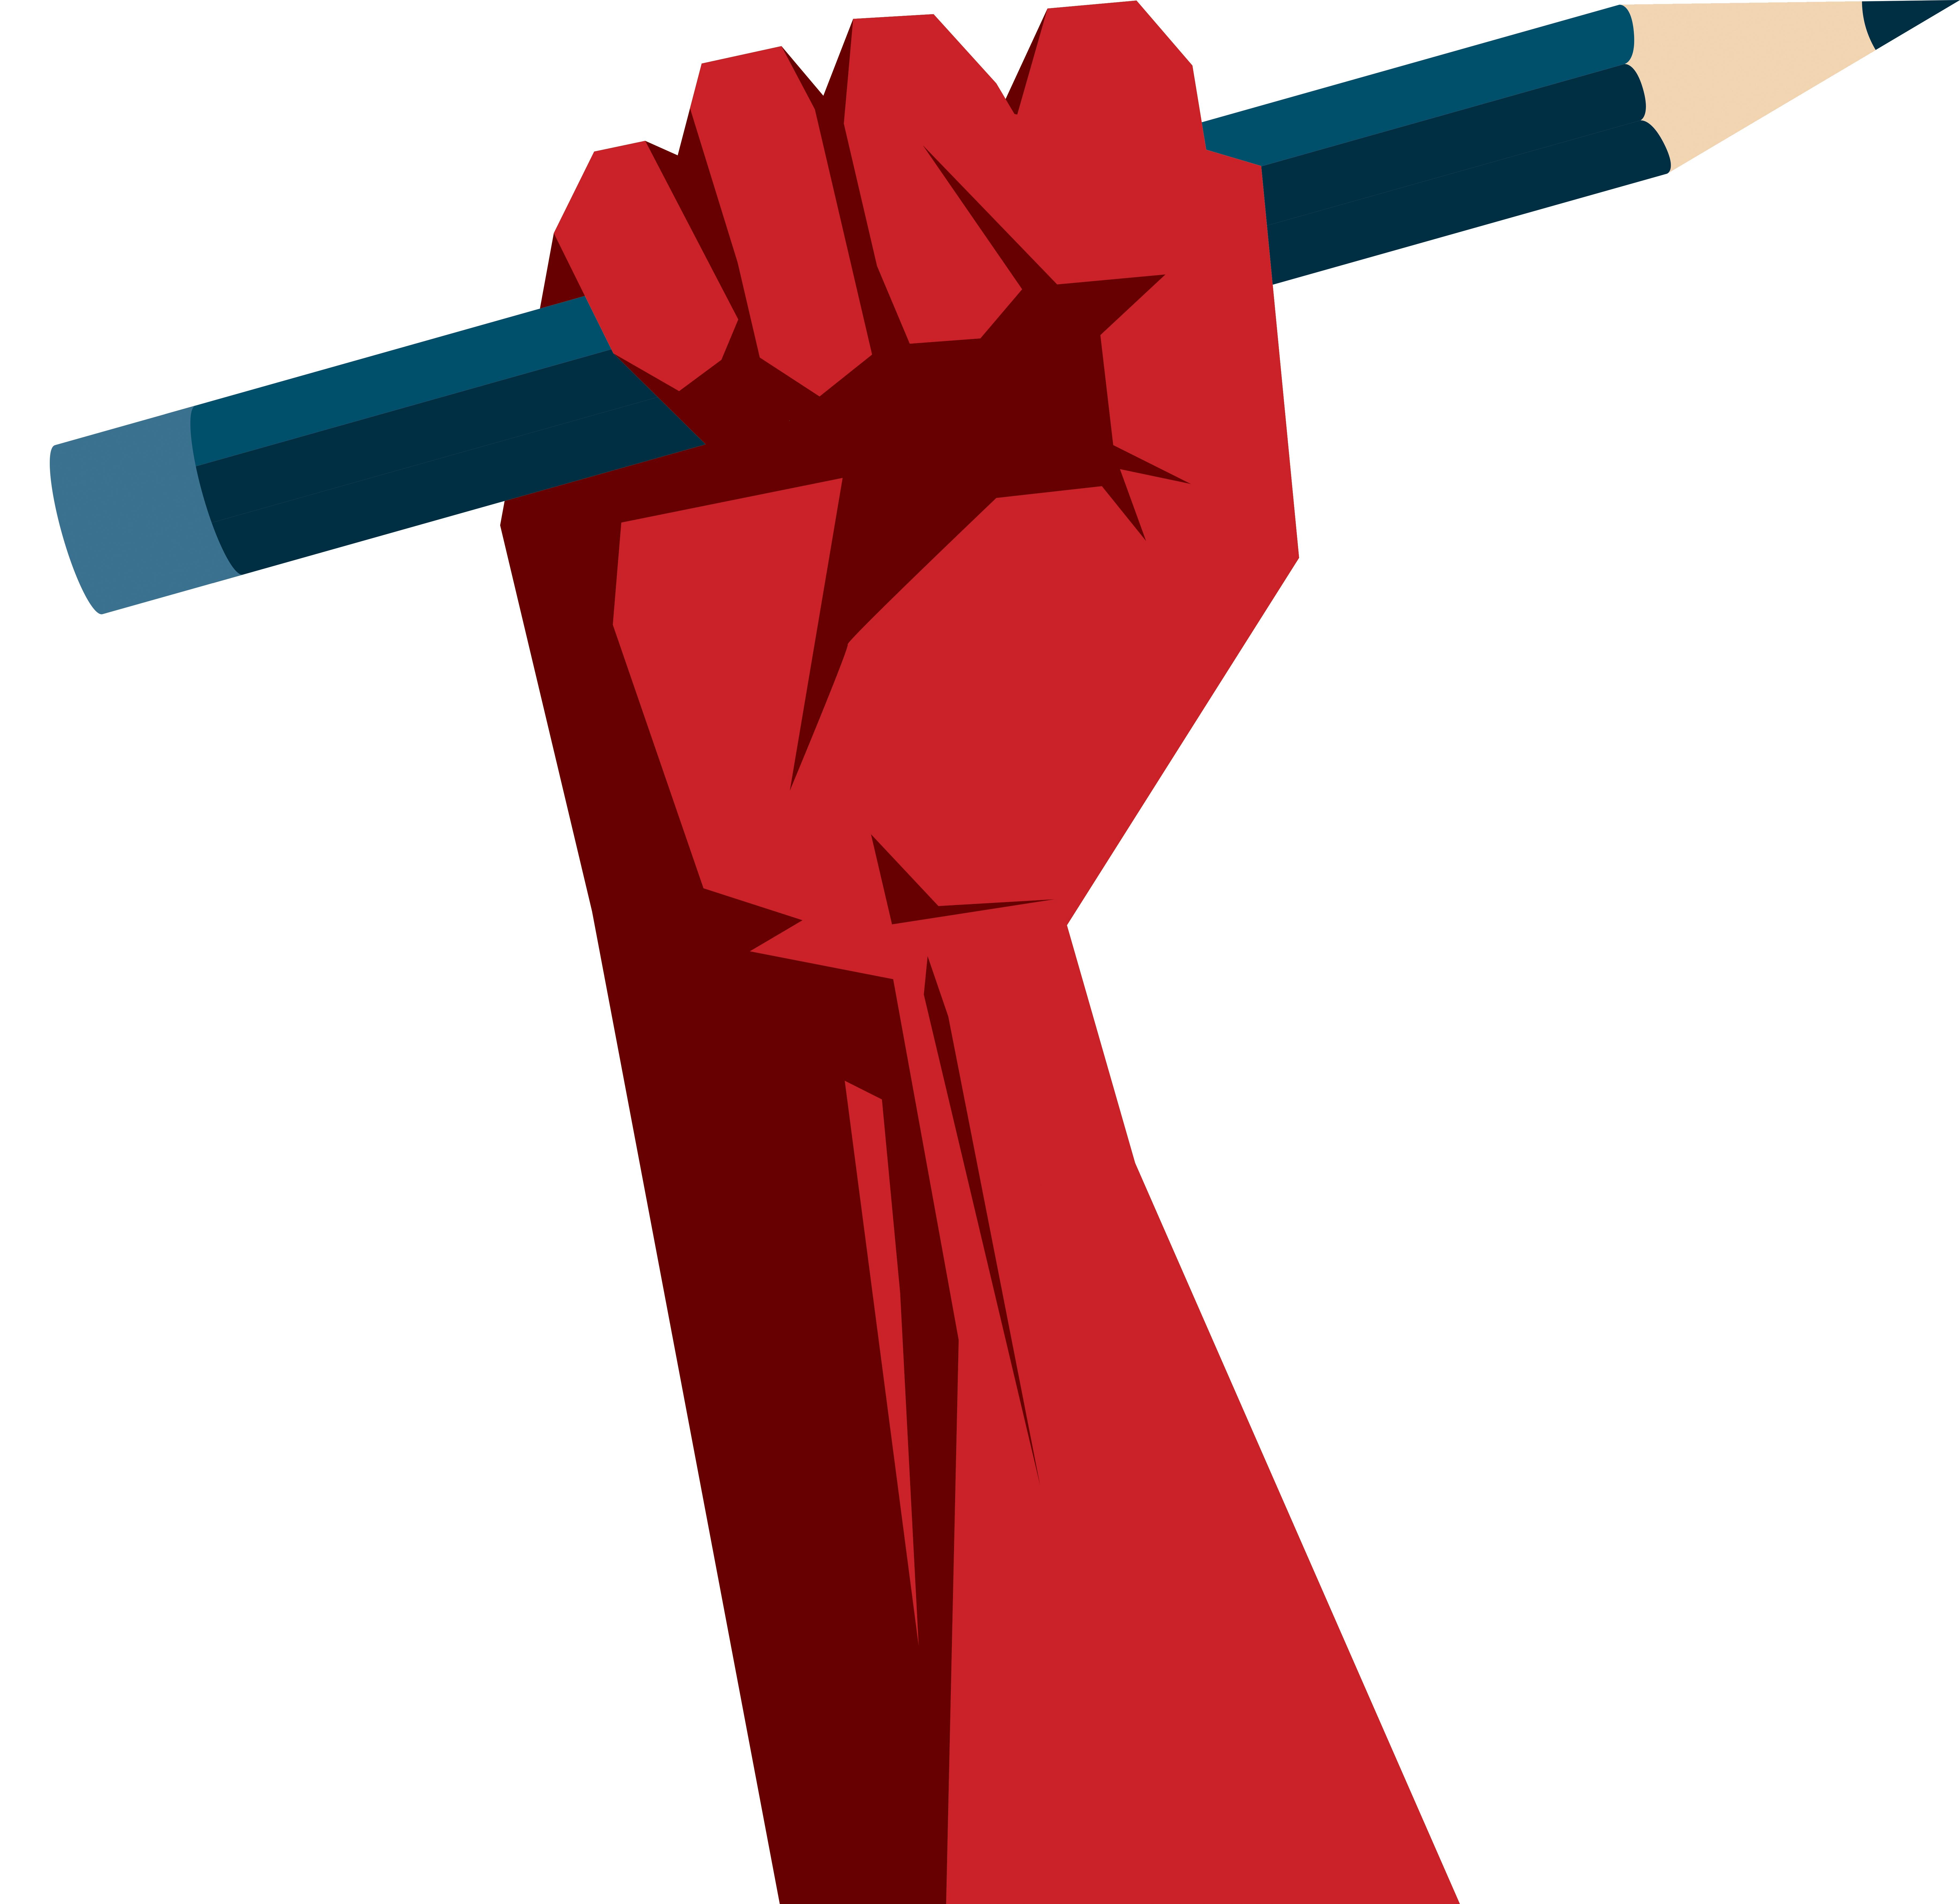 Contra as reformas, trabalhadores farão marcha a Brasília dia 24/05